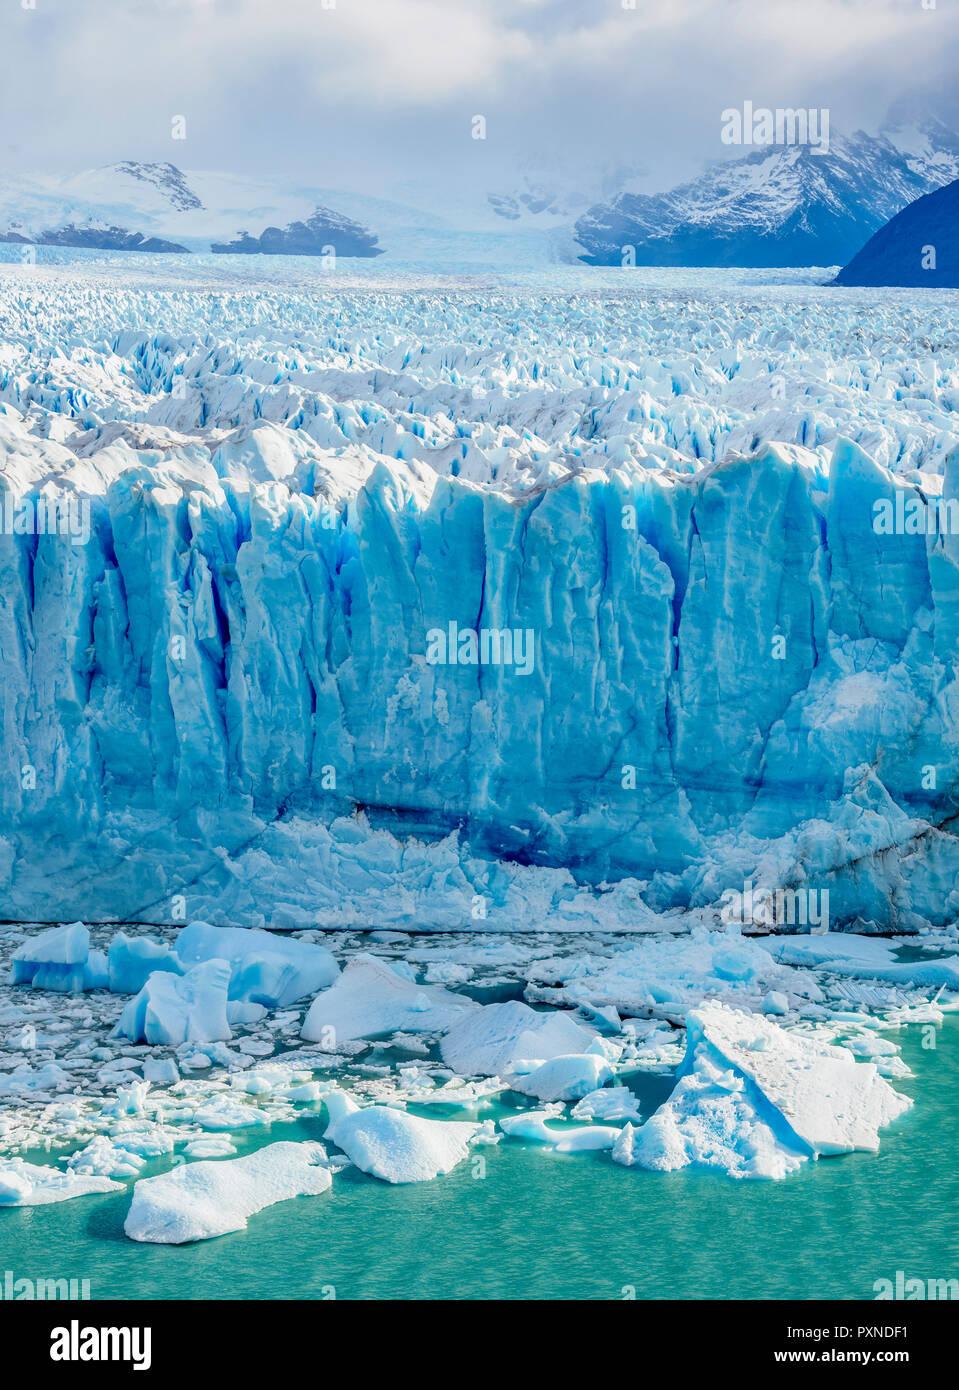 Perito Moreno Glacier, elevated view, Los Glaciares National Park, Santa Cruz Province, Patagonia, Argentina - Stock Image